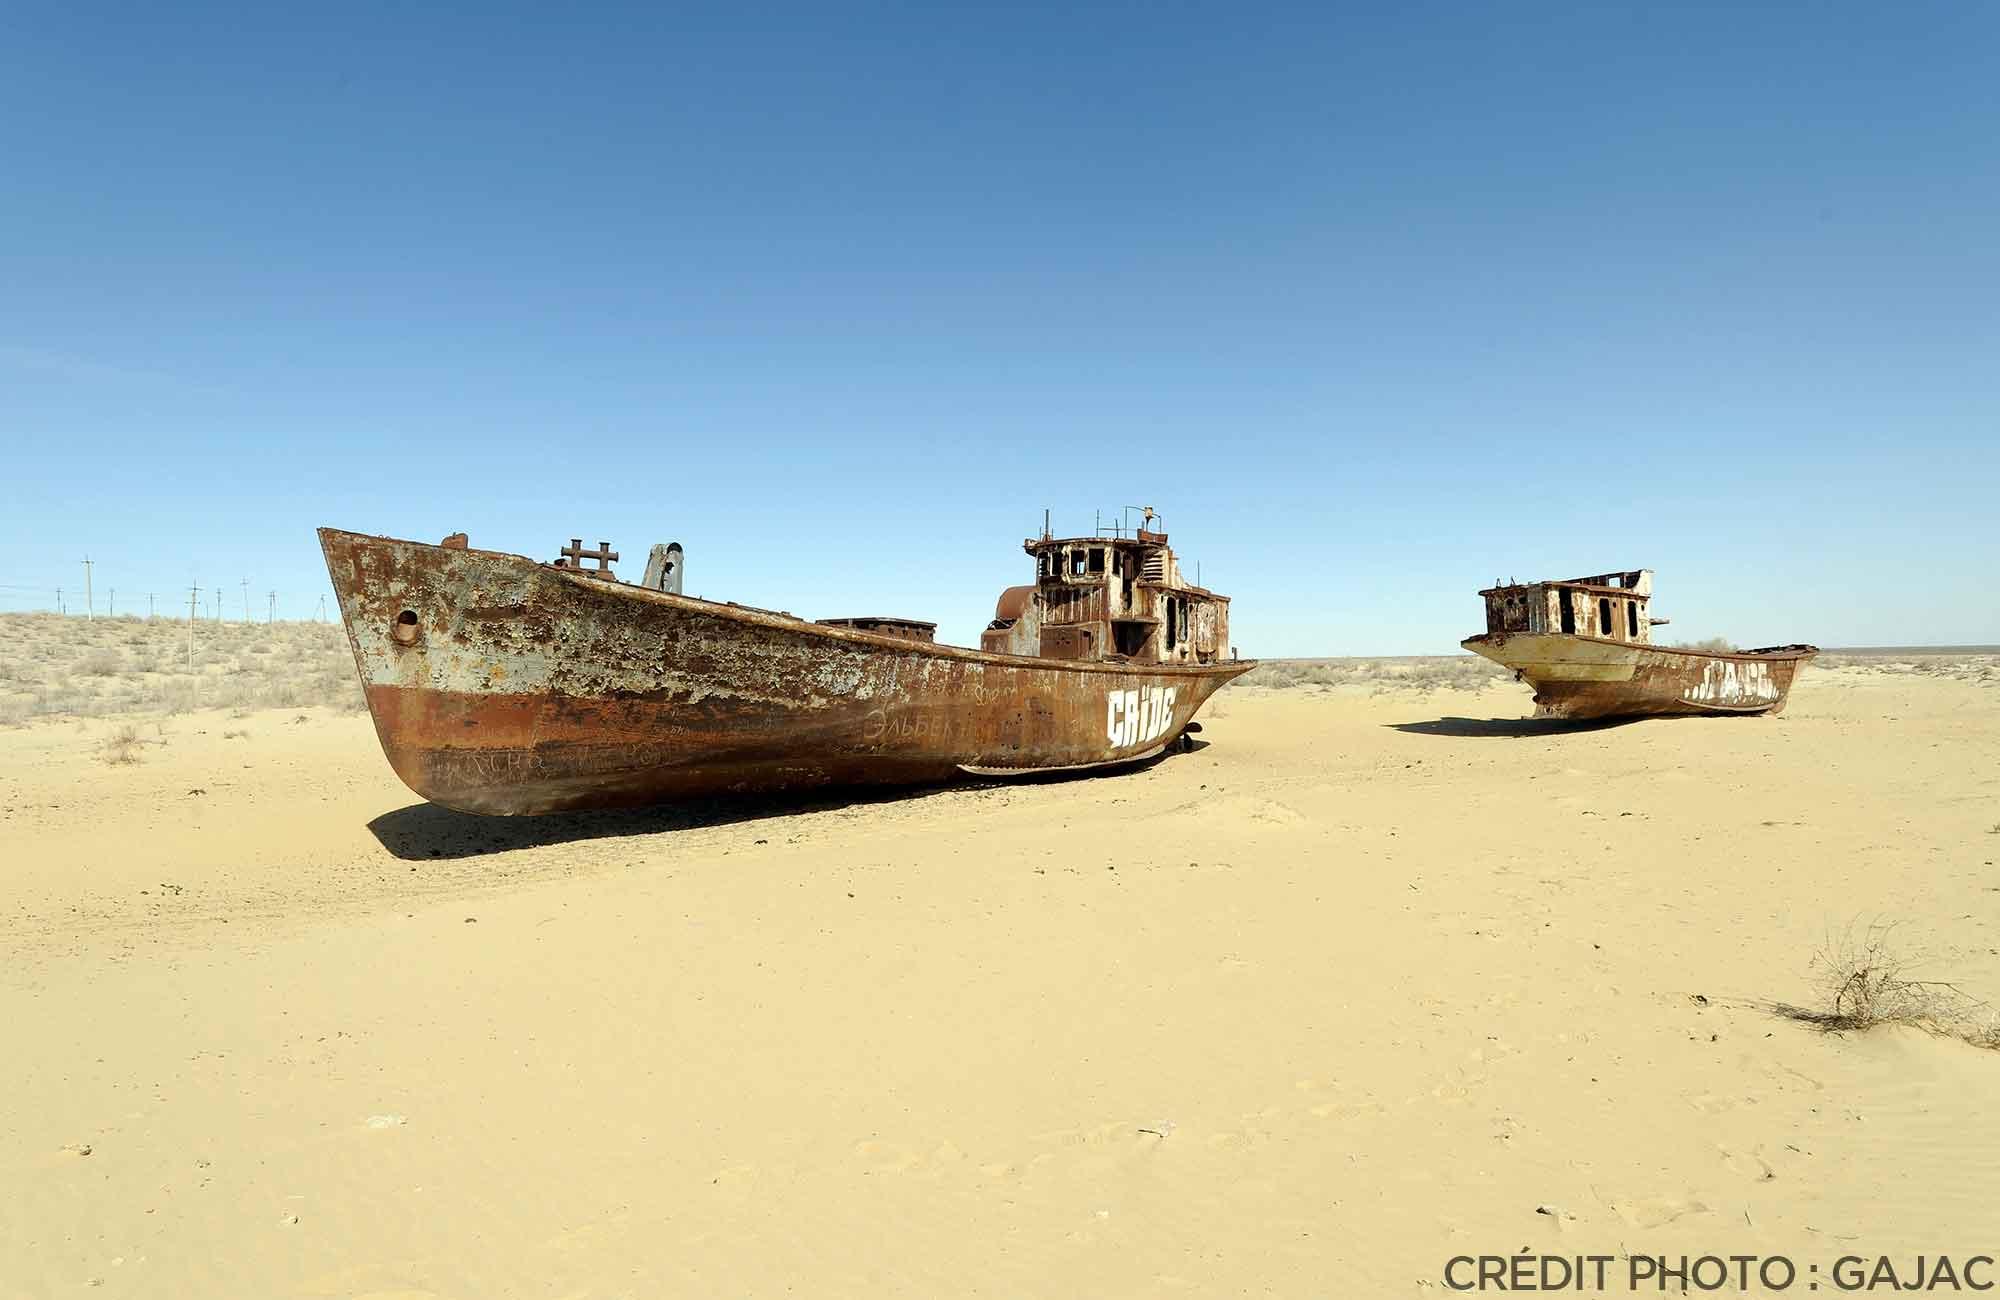 Voyage Ouzbékistan Route de la Soie - Cimetère de bateaux mer d'aral - Amplitudes